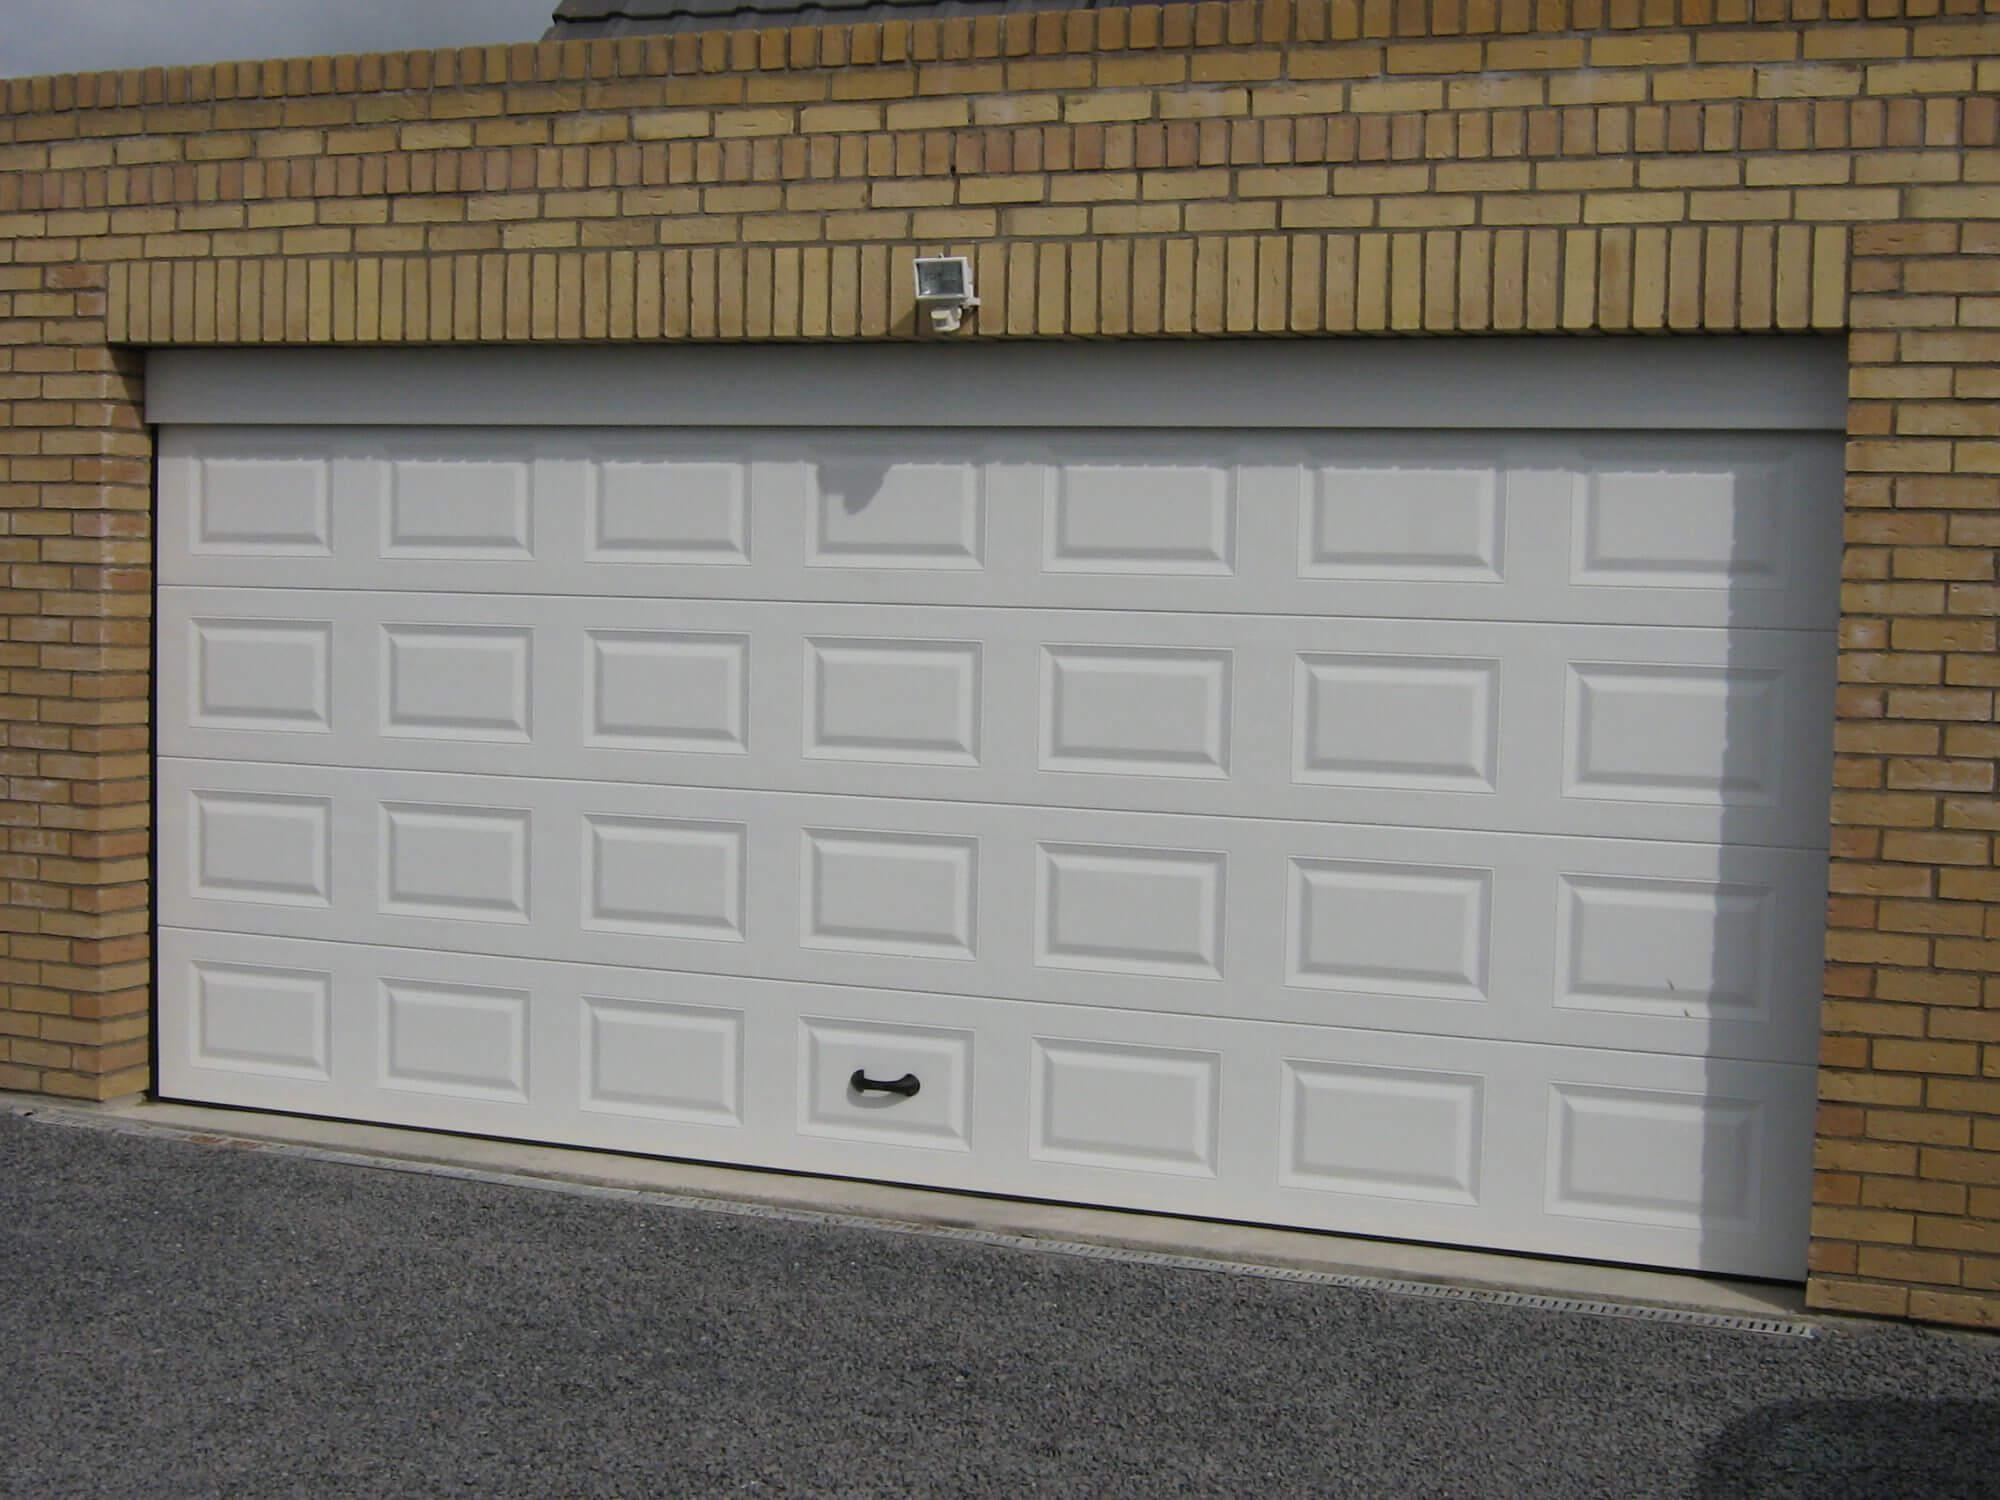 Porte de garage à cassettes blanche - Réalisation Inorbat